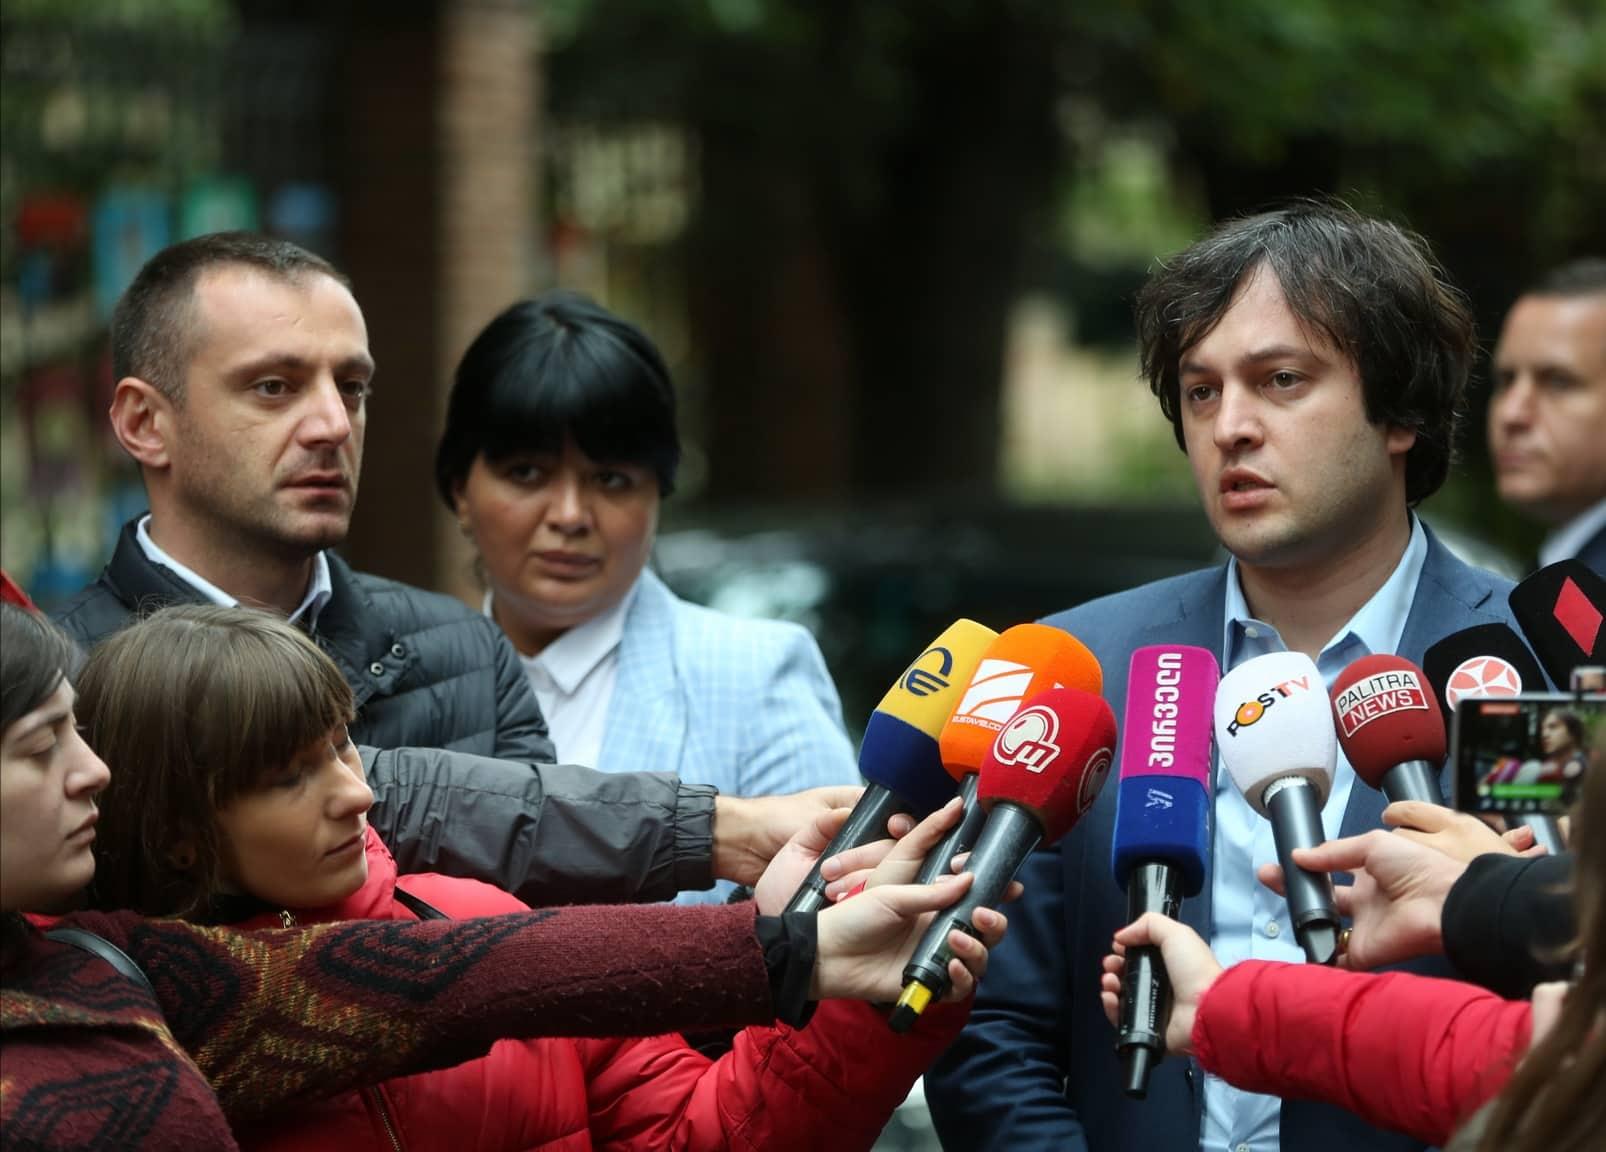 """ირაკლი კობახიძე """"ევროპული საქართველოს"""" მოთხოვნაზე: როდესაც ეს ადამიანები 7 ნოემბერს  გამოდიან ასეთი ულტიმატუმებით, არ არის სწორი საქციელი"""